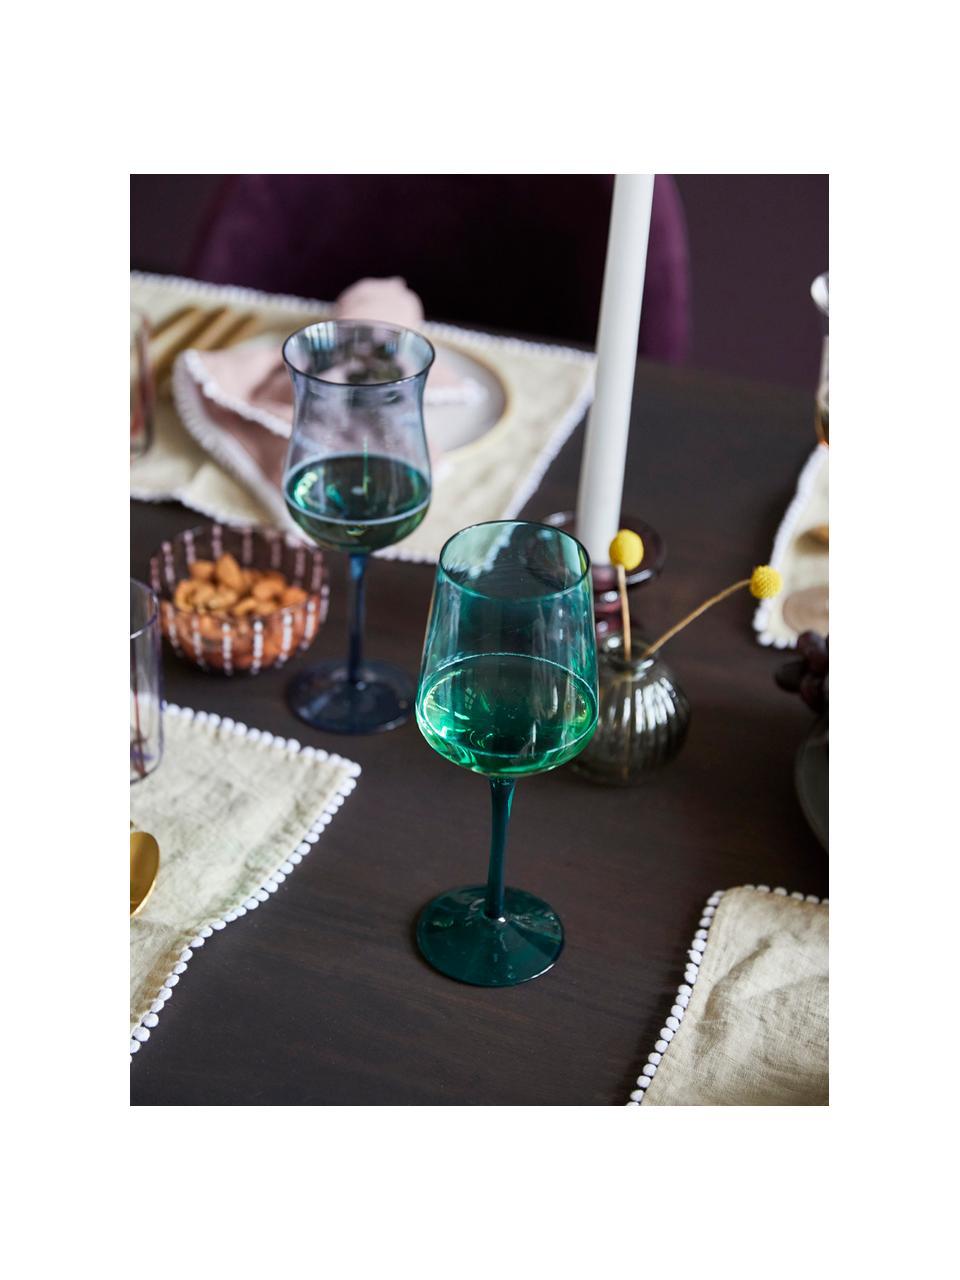 Mundgeblasene Weingläser Diseguale in unterschiedlichen Farben und Formen, 6 Stück, Glas, mundgeblasen, Mehrfarbig, Ø 7 x H 24 cm